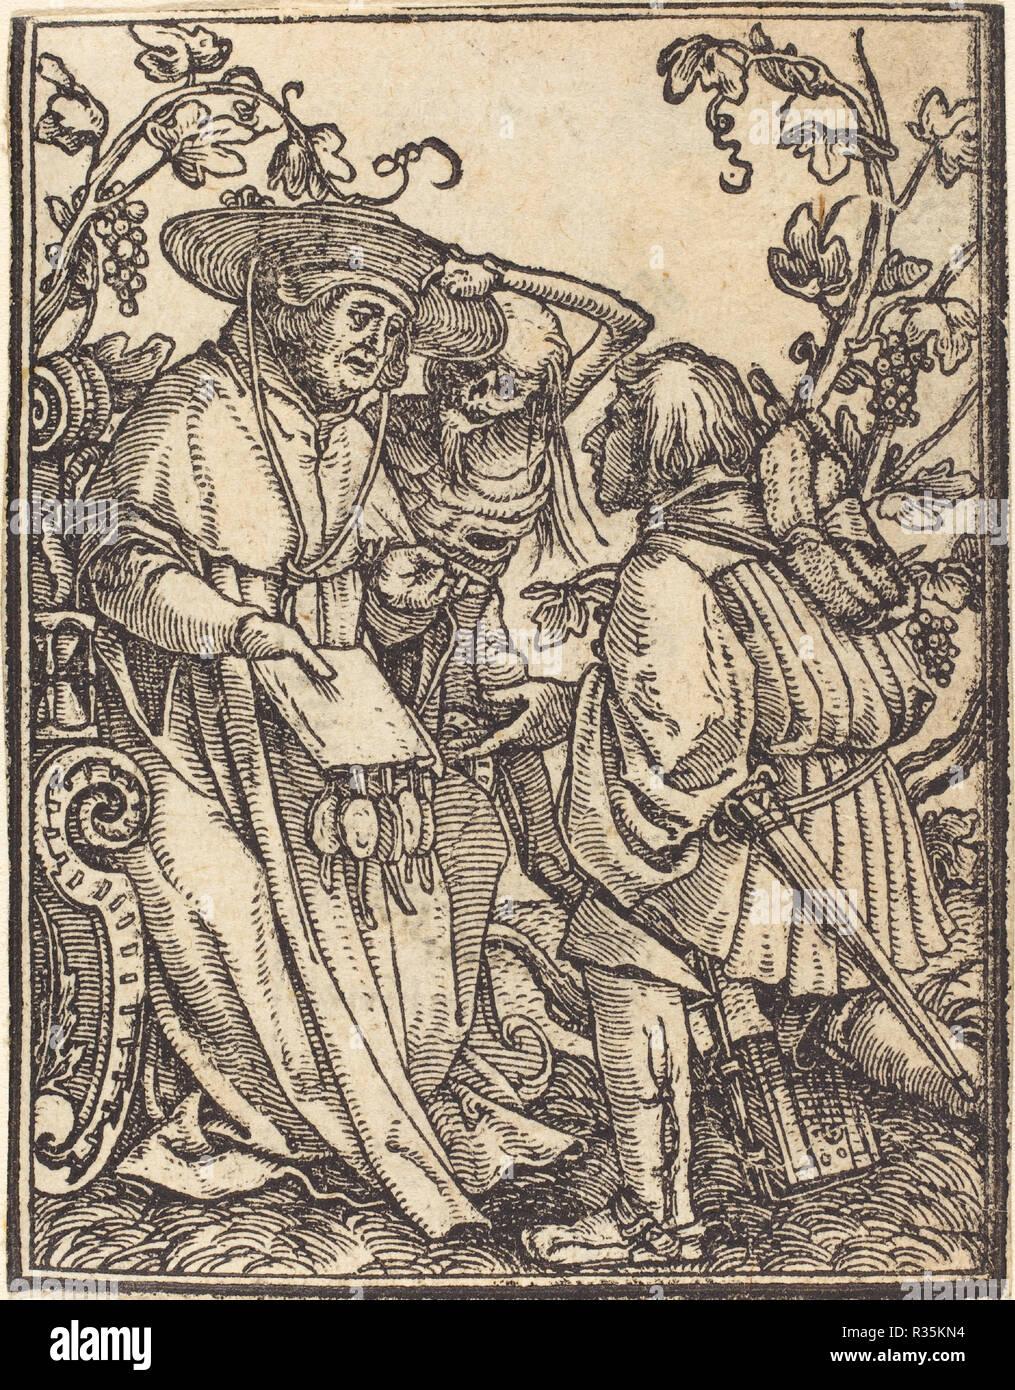 Il Cardinale. Medium: xilografia. Museo: National Gallery of Art di Washington DC. Autore: Hans Holbein il Giovane. Immagini Stock